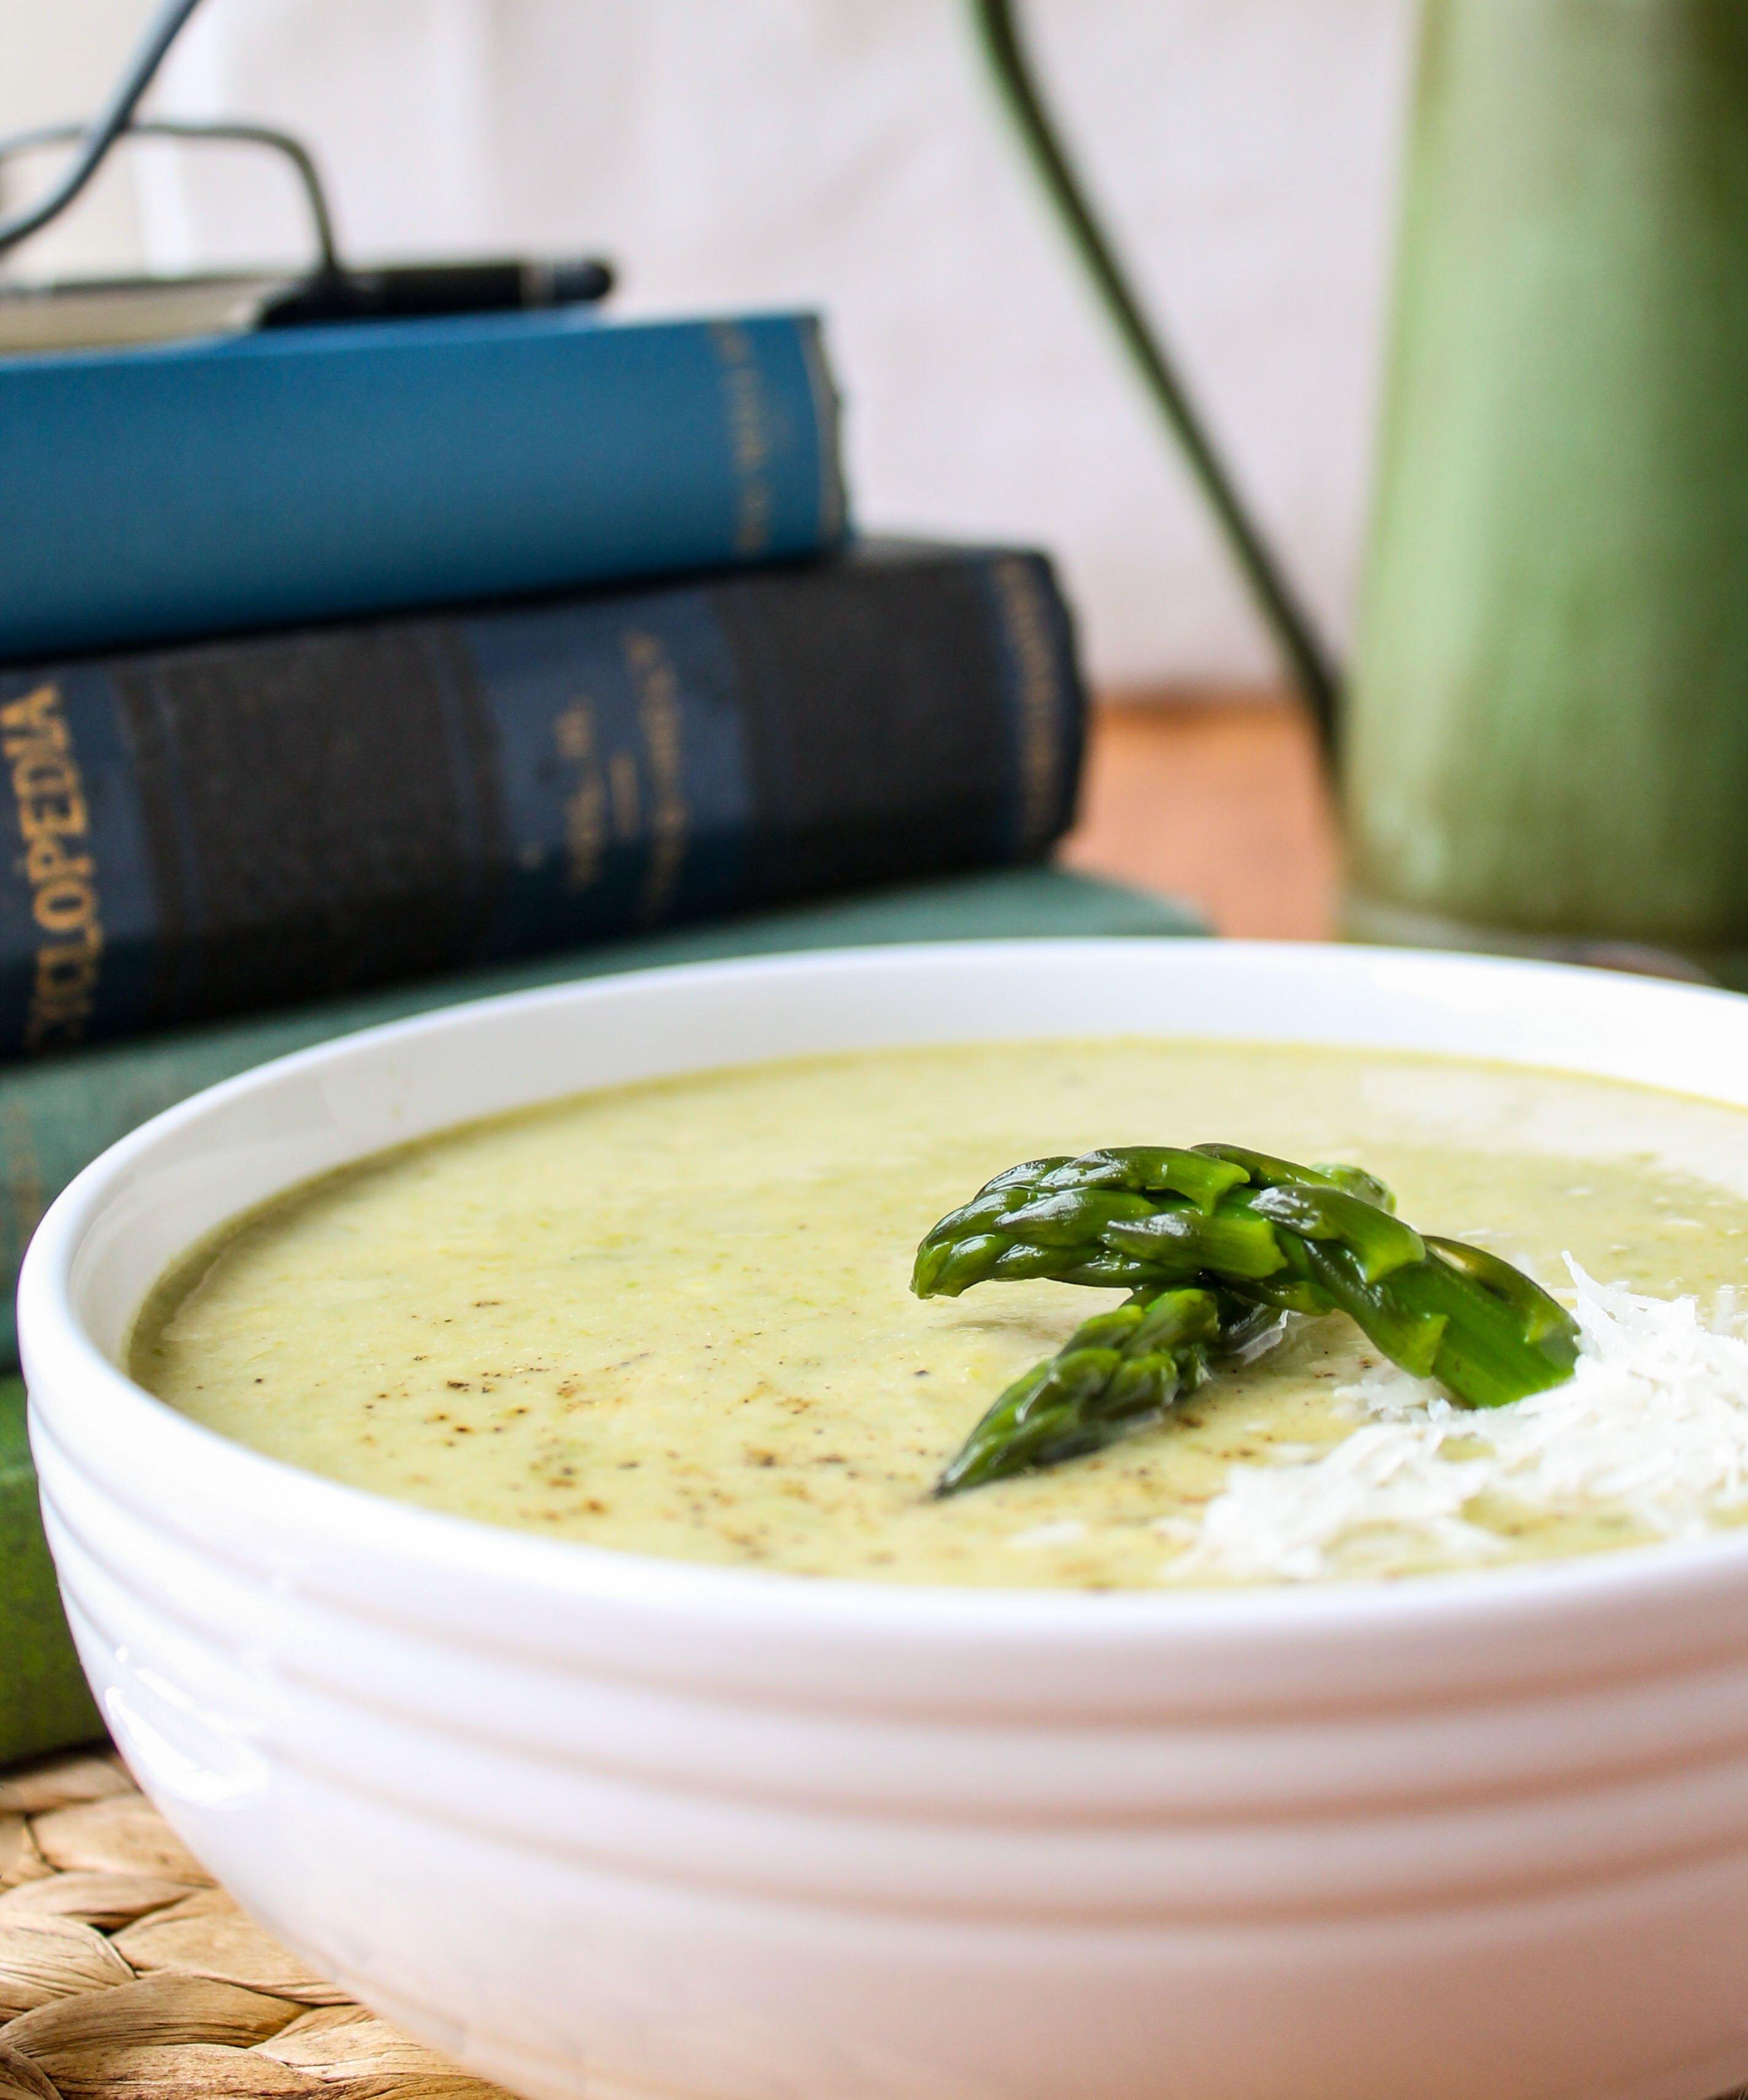 Soup Recipes Asparagus: Simple Asparagus Soup